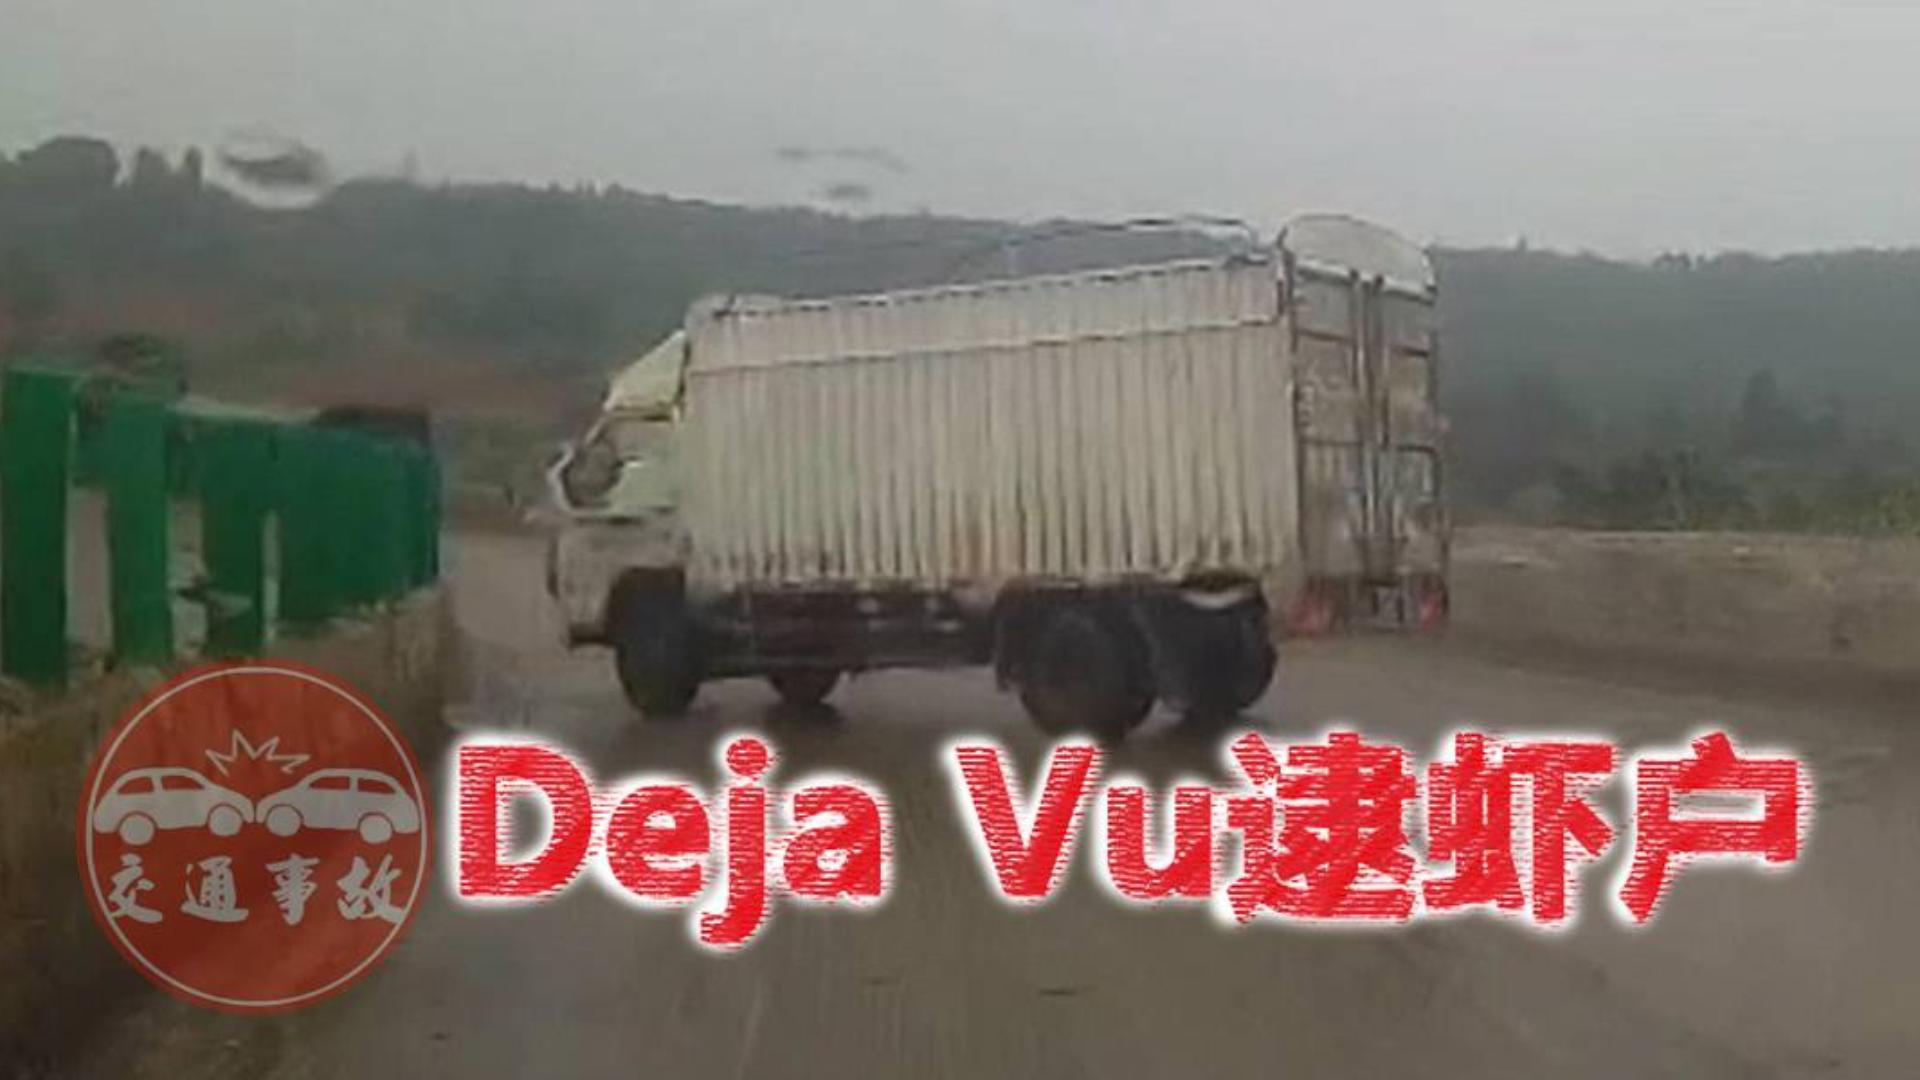 Deja Vu逮虾户2020(二)